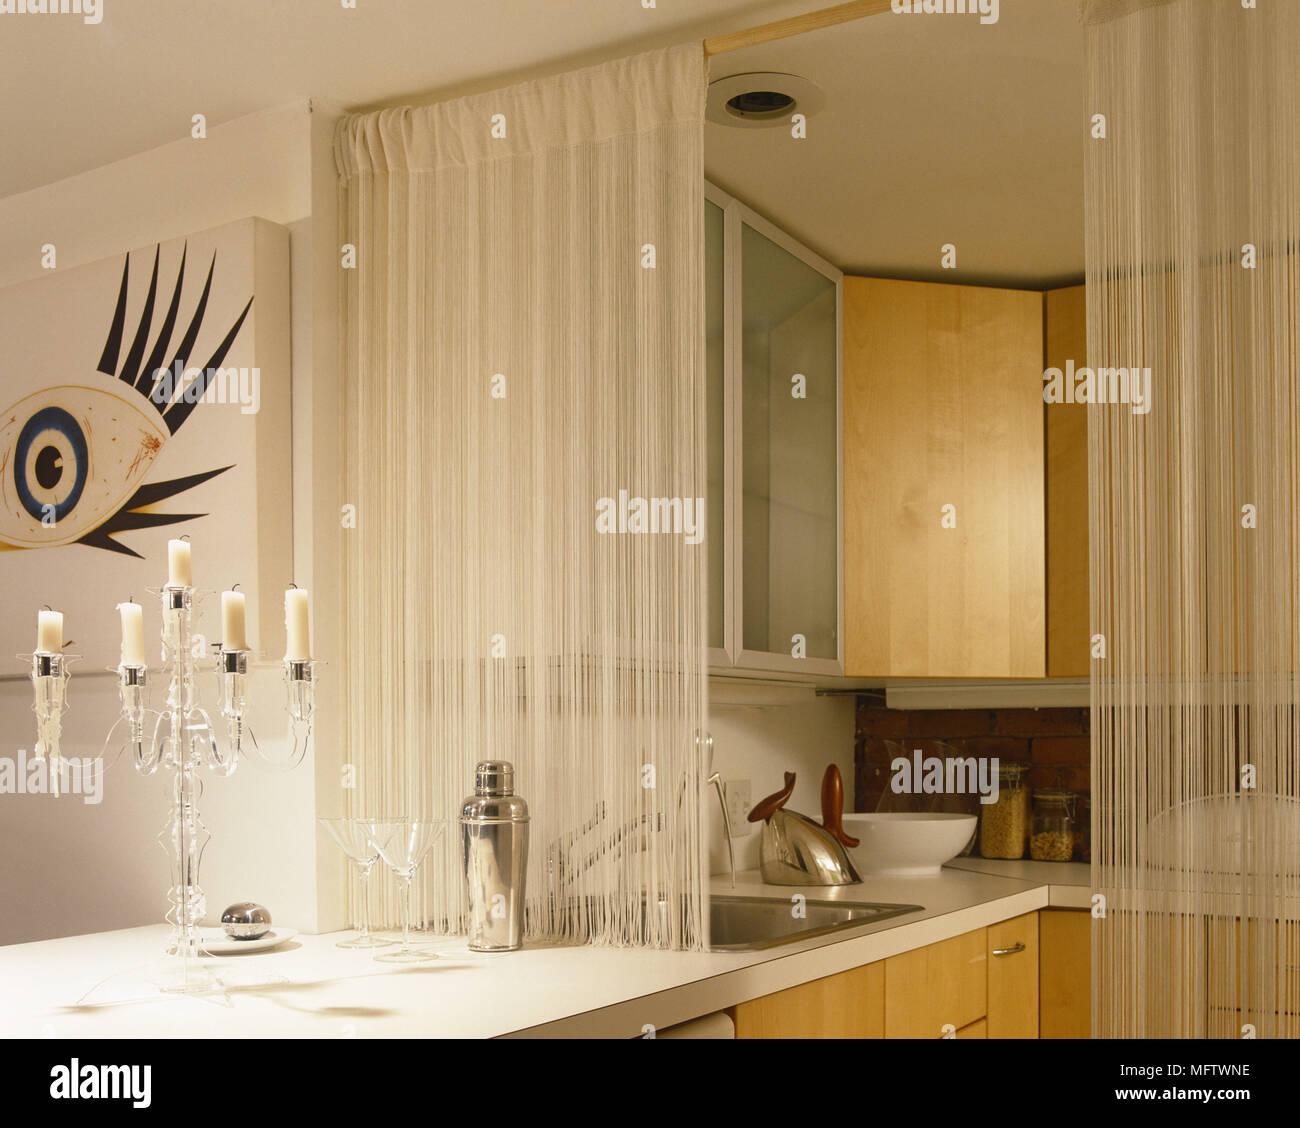 Tolle Kücheneinheit Mit Belfast Sink Bilder - Küchenschrank Ideen ...